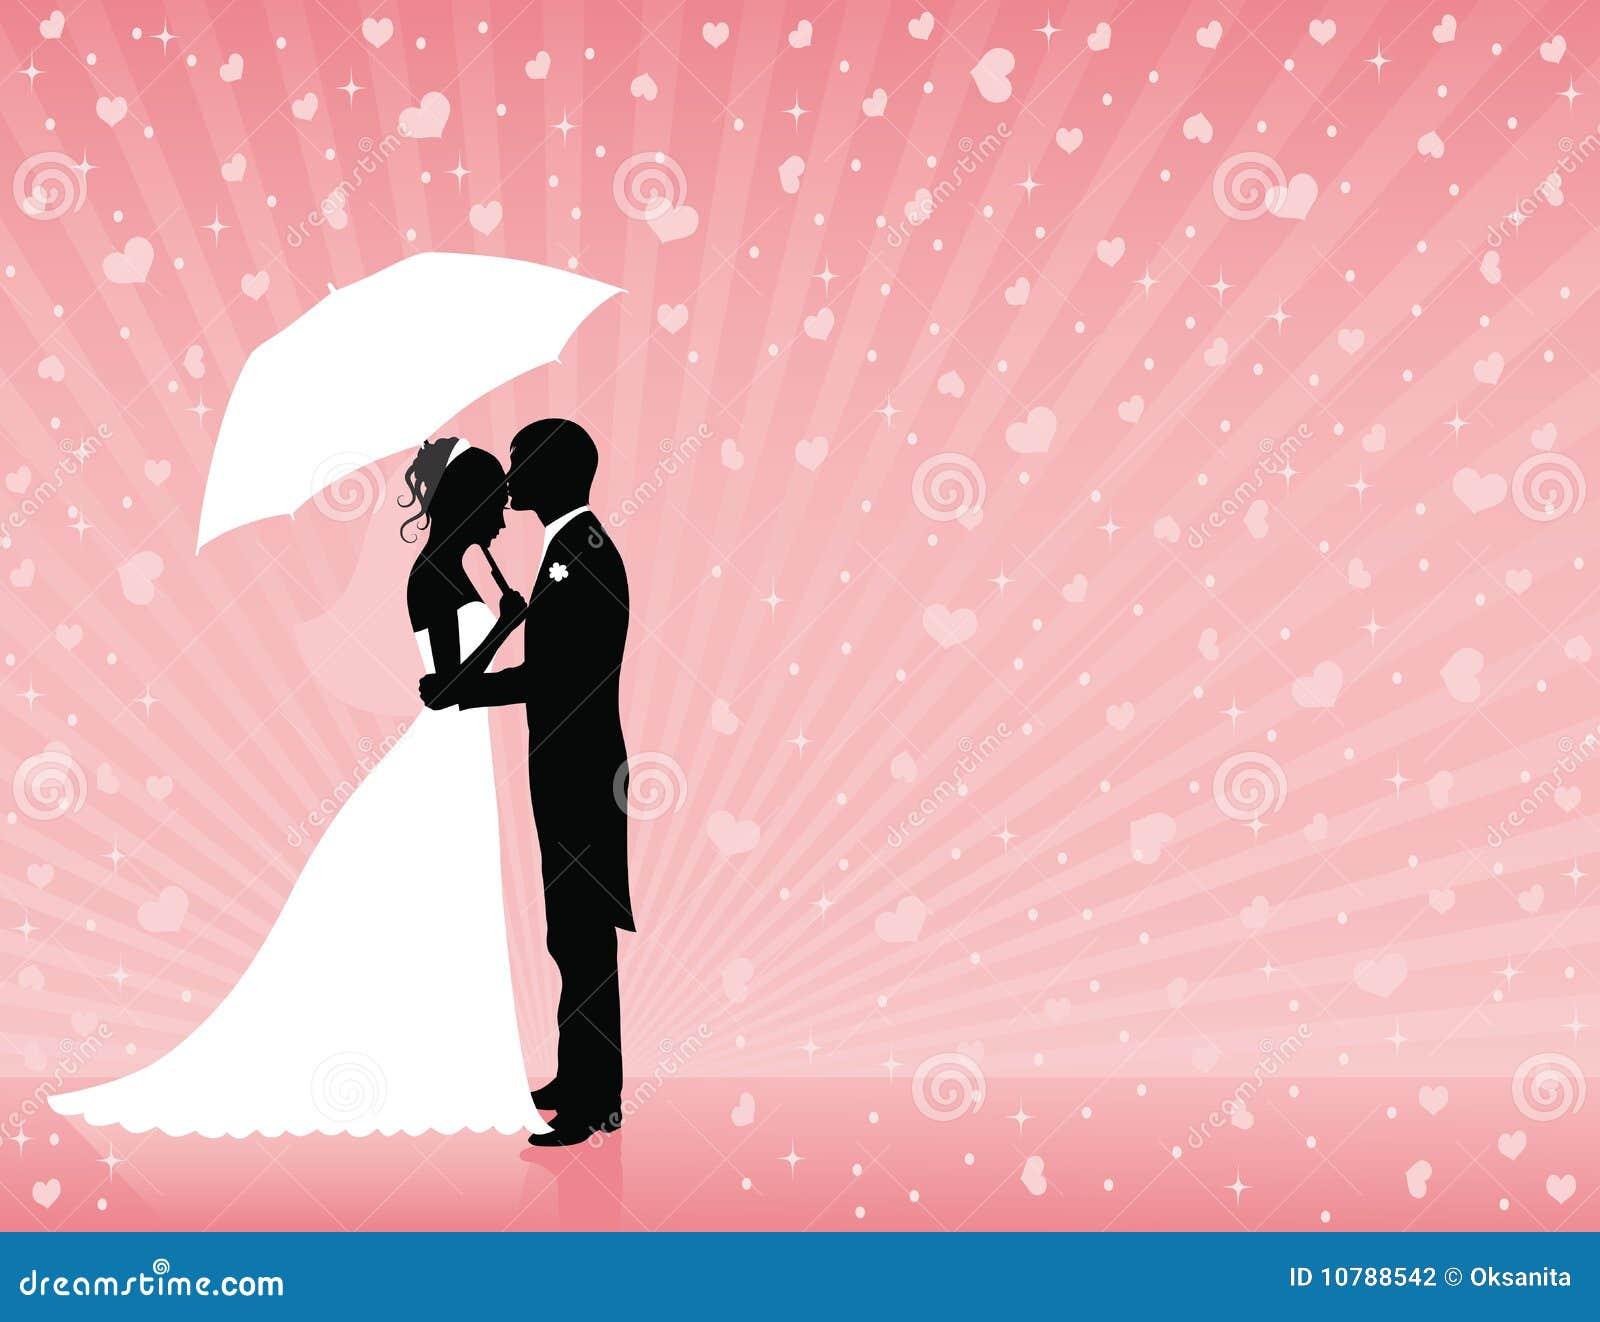 wedding background stock photography - photo #17